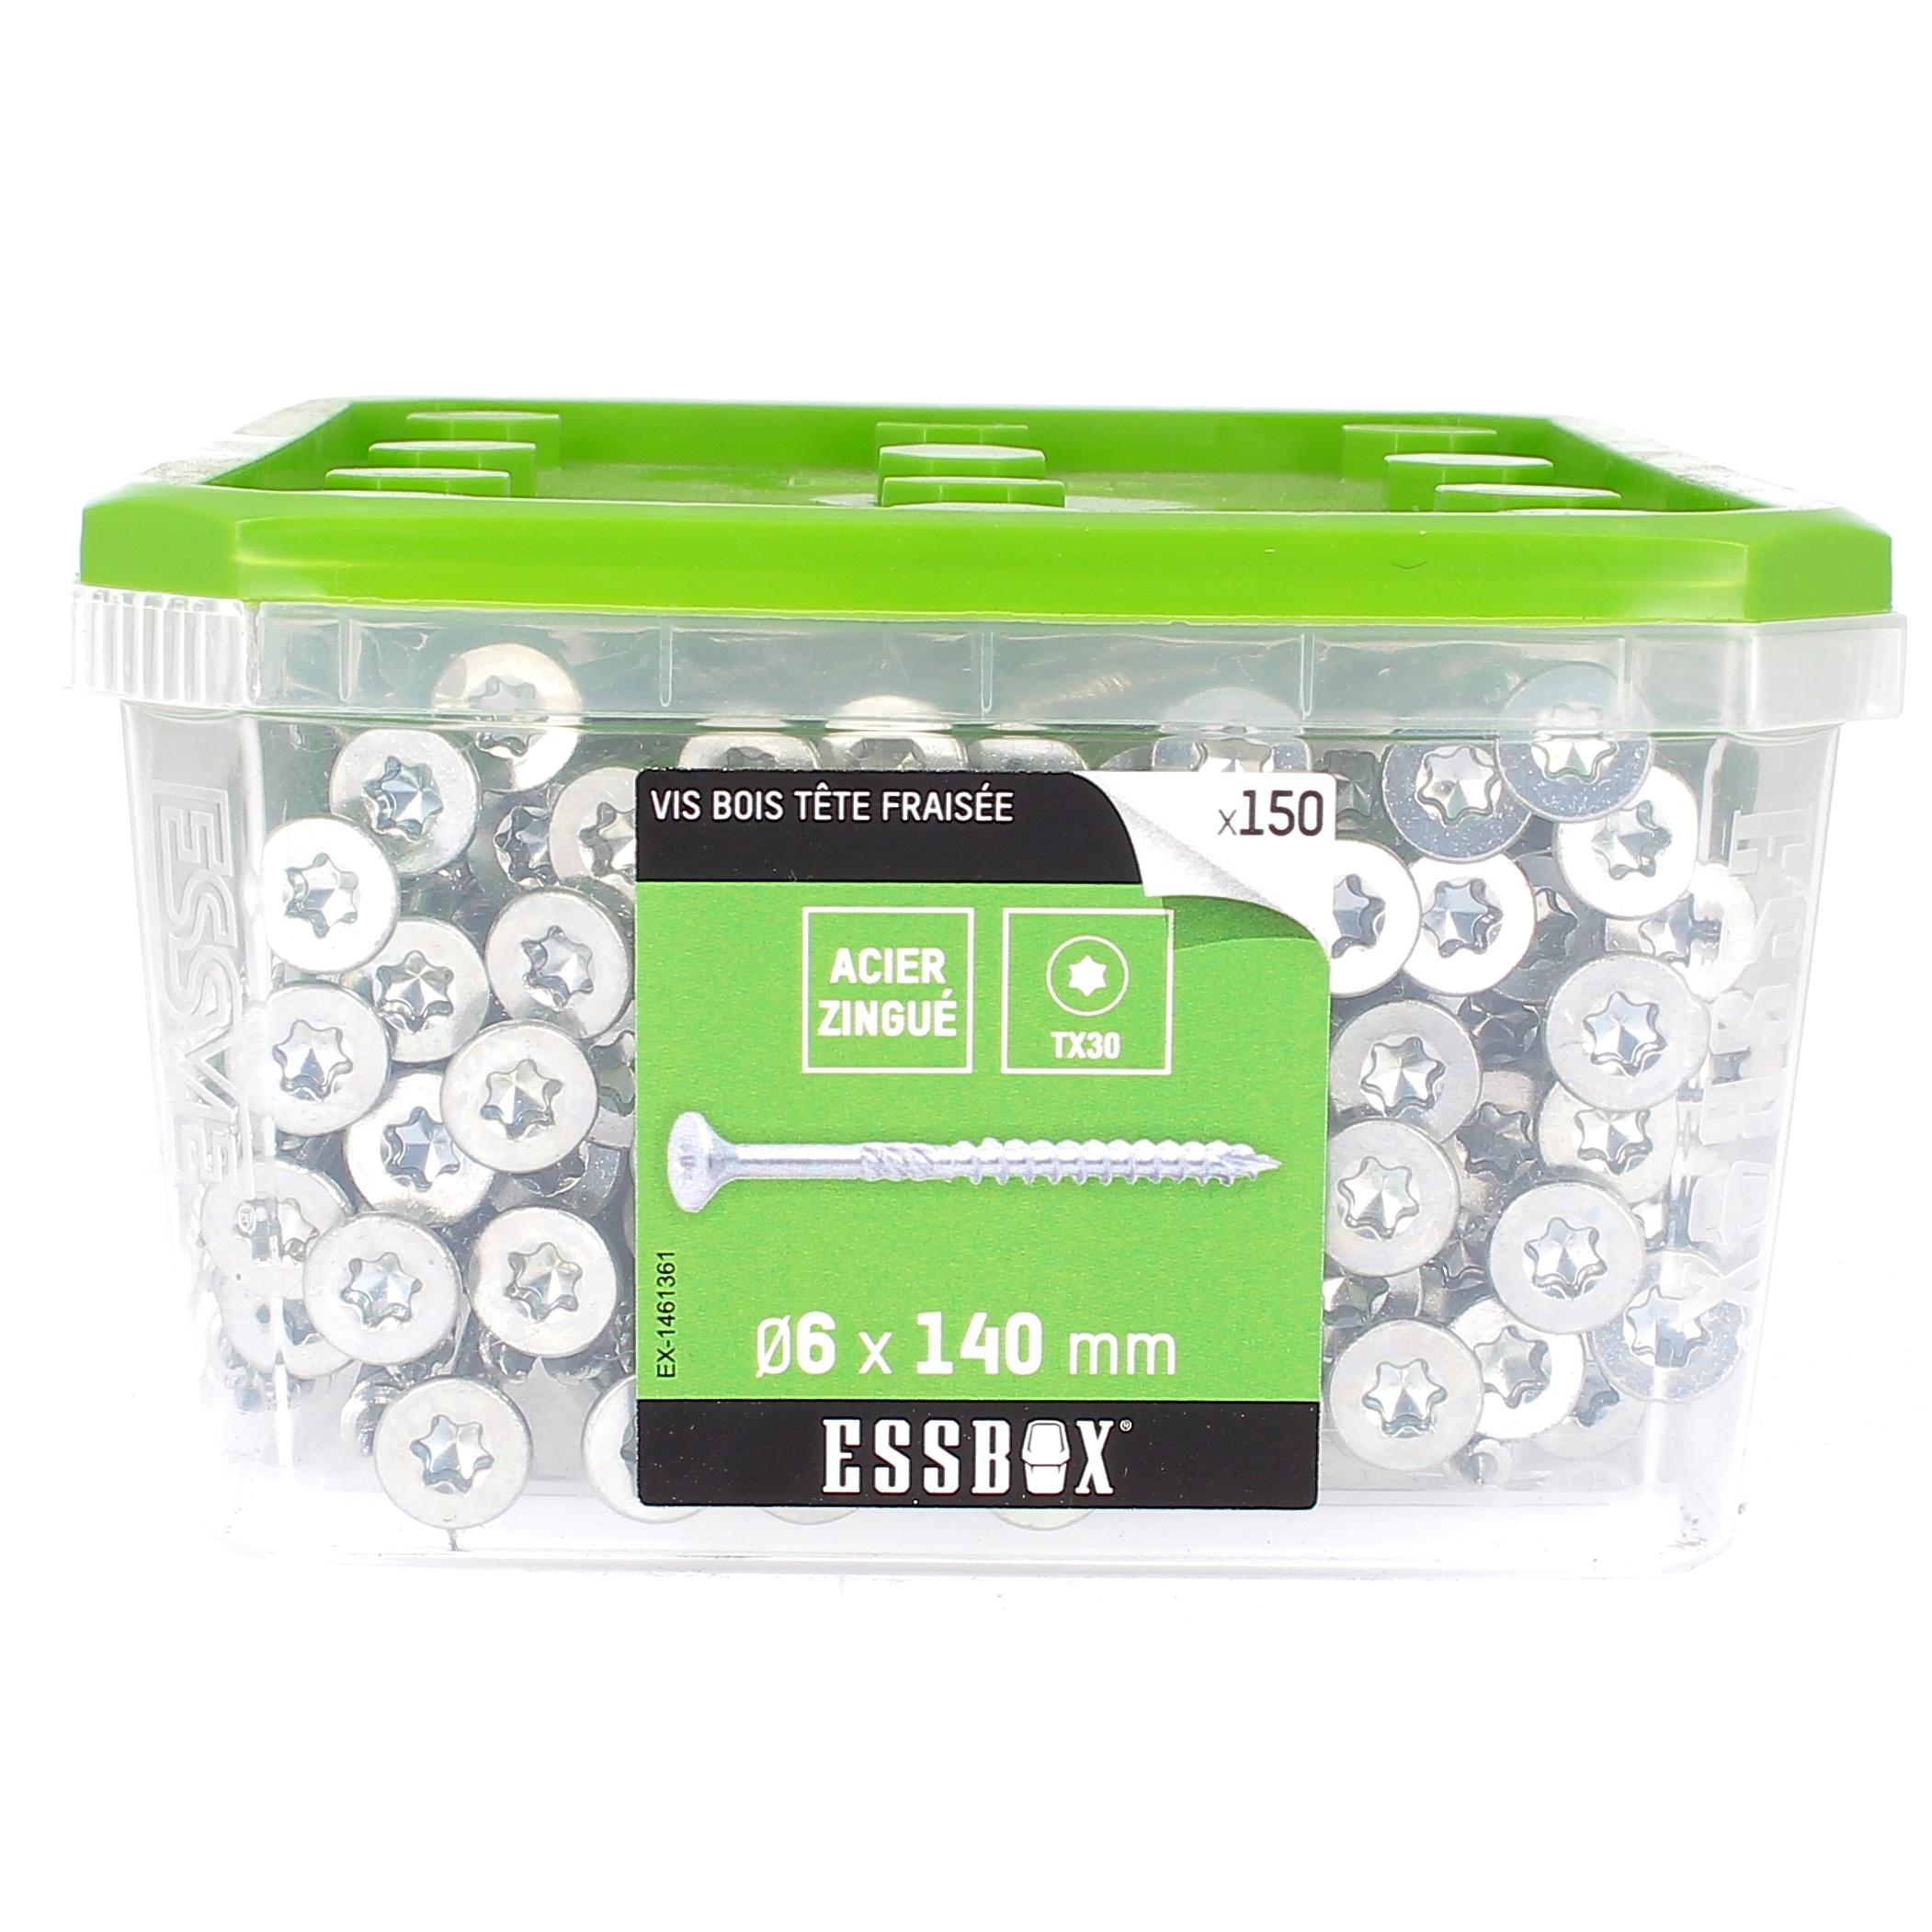 ESSBOX de 150 VBA TFX 6X140 Zingué (filetage partiel)